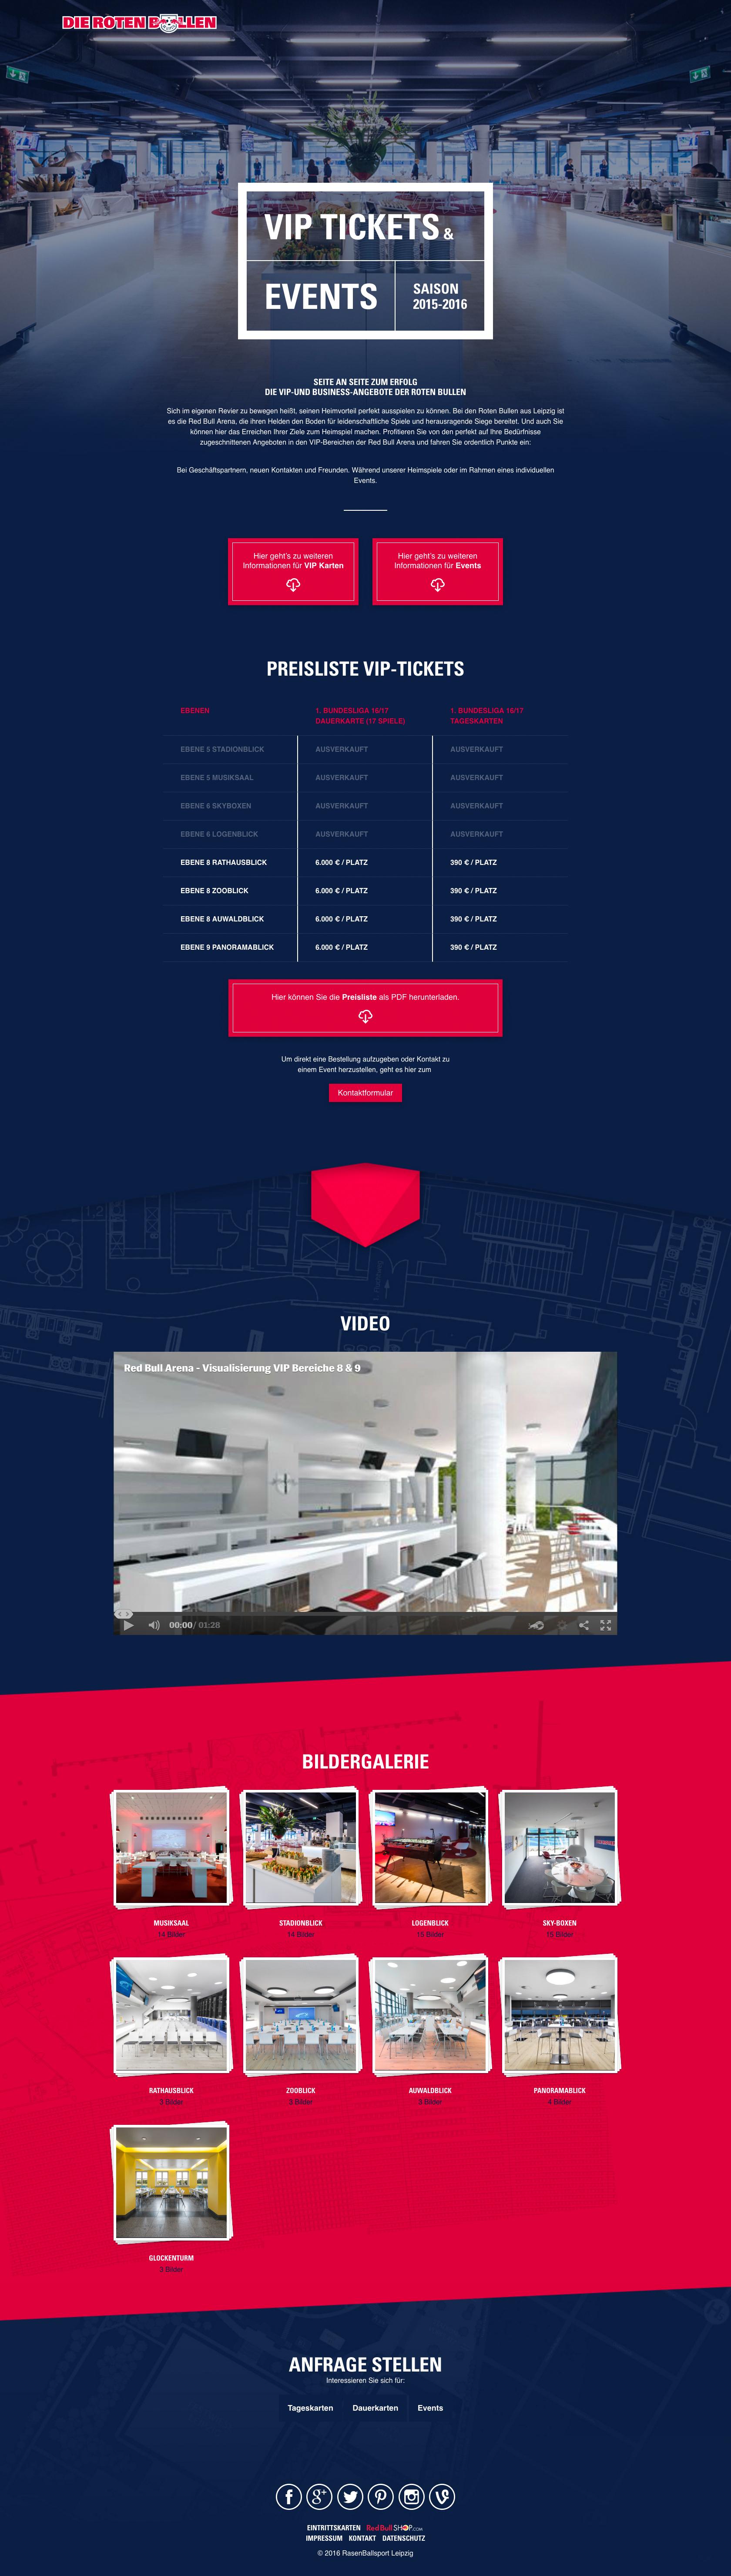 Hospitality Die Roten Bullen Website Image 01